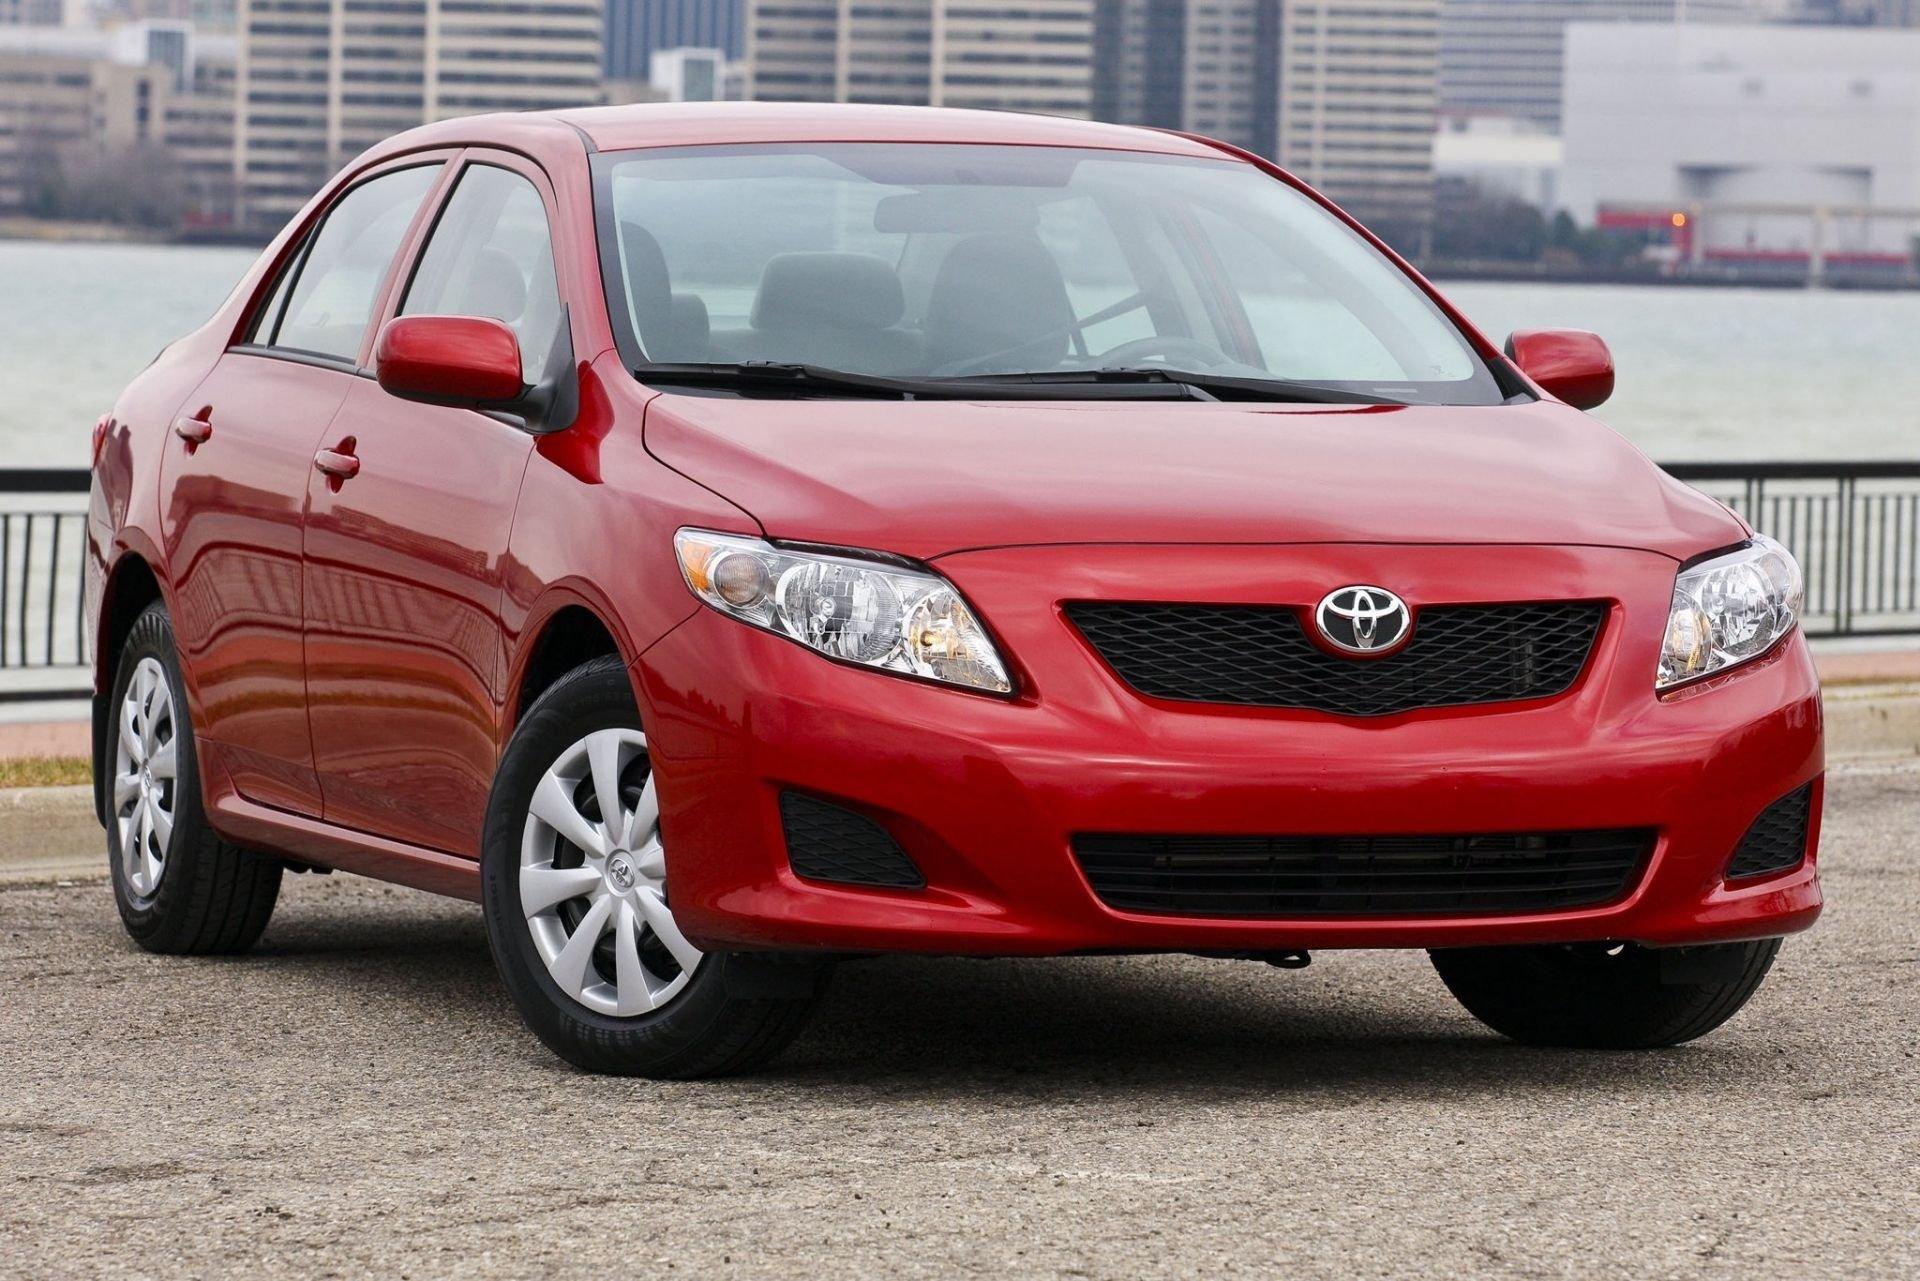 Журнал Forbes назвал самые дорогие автомобильные бренды в мире